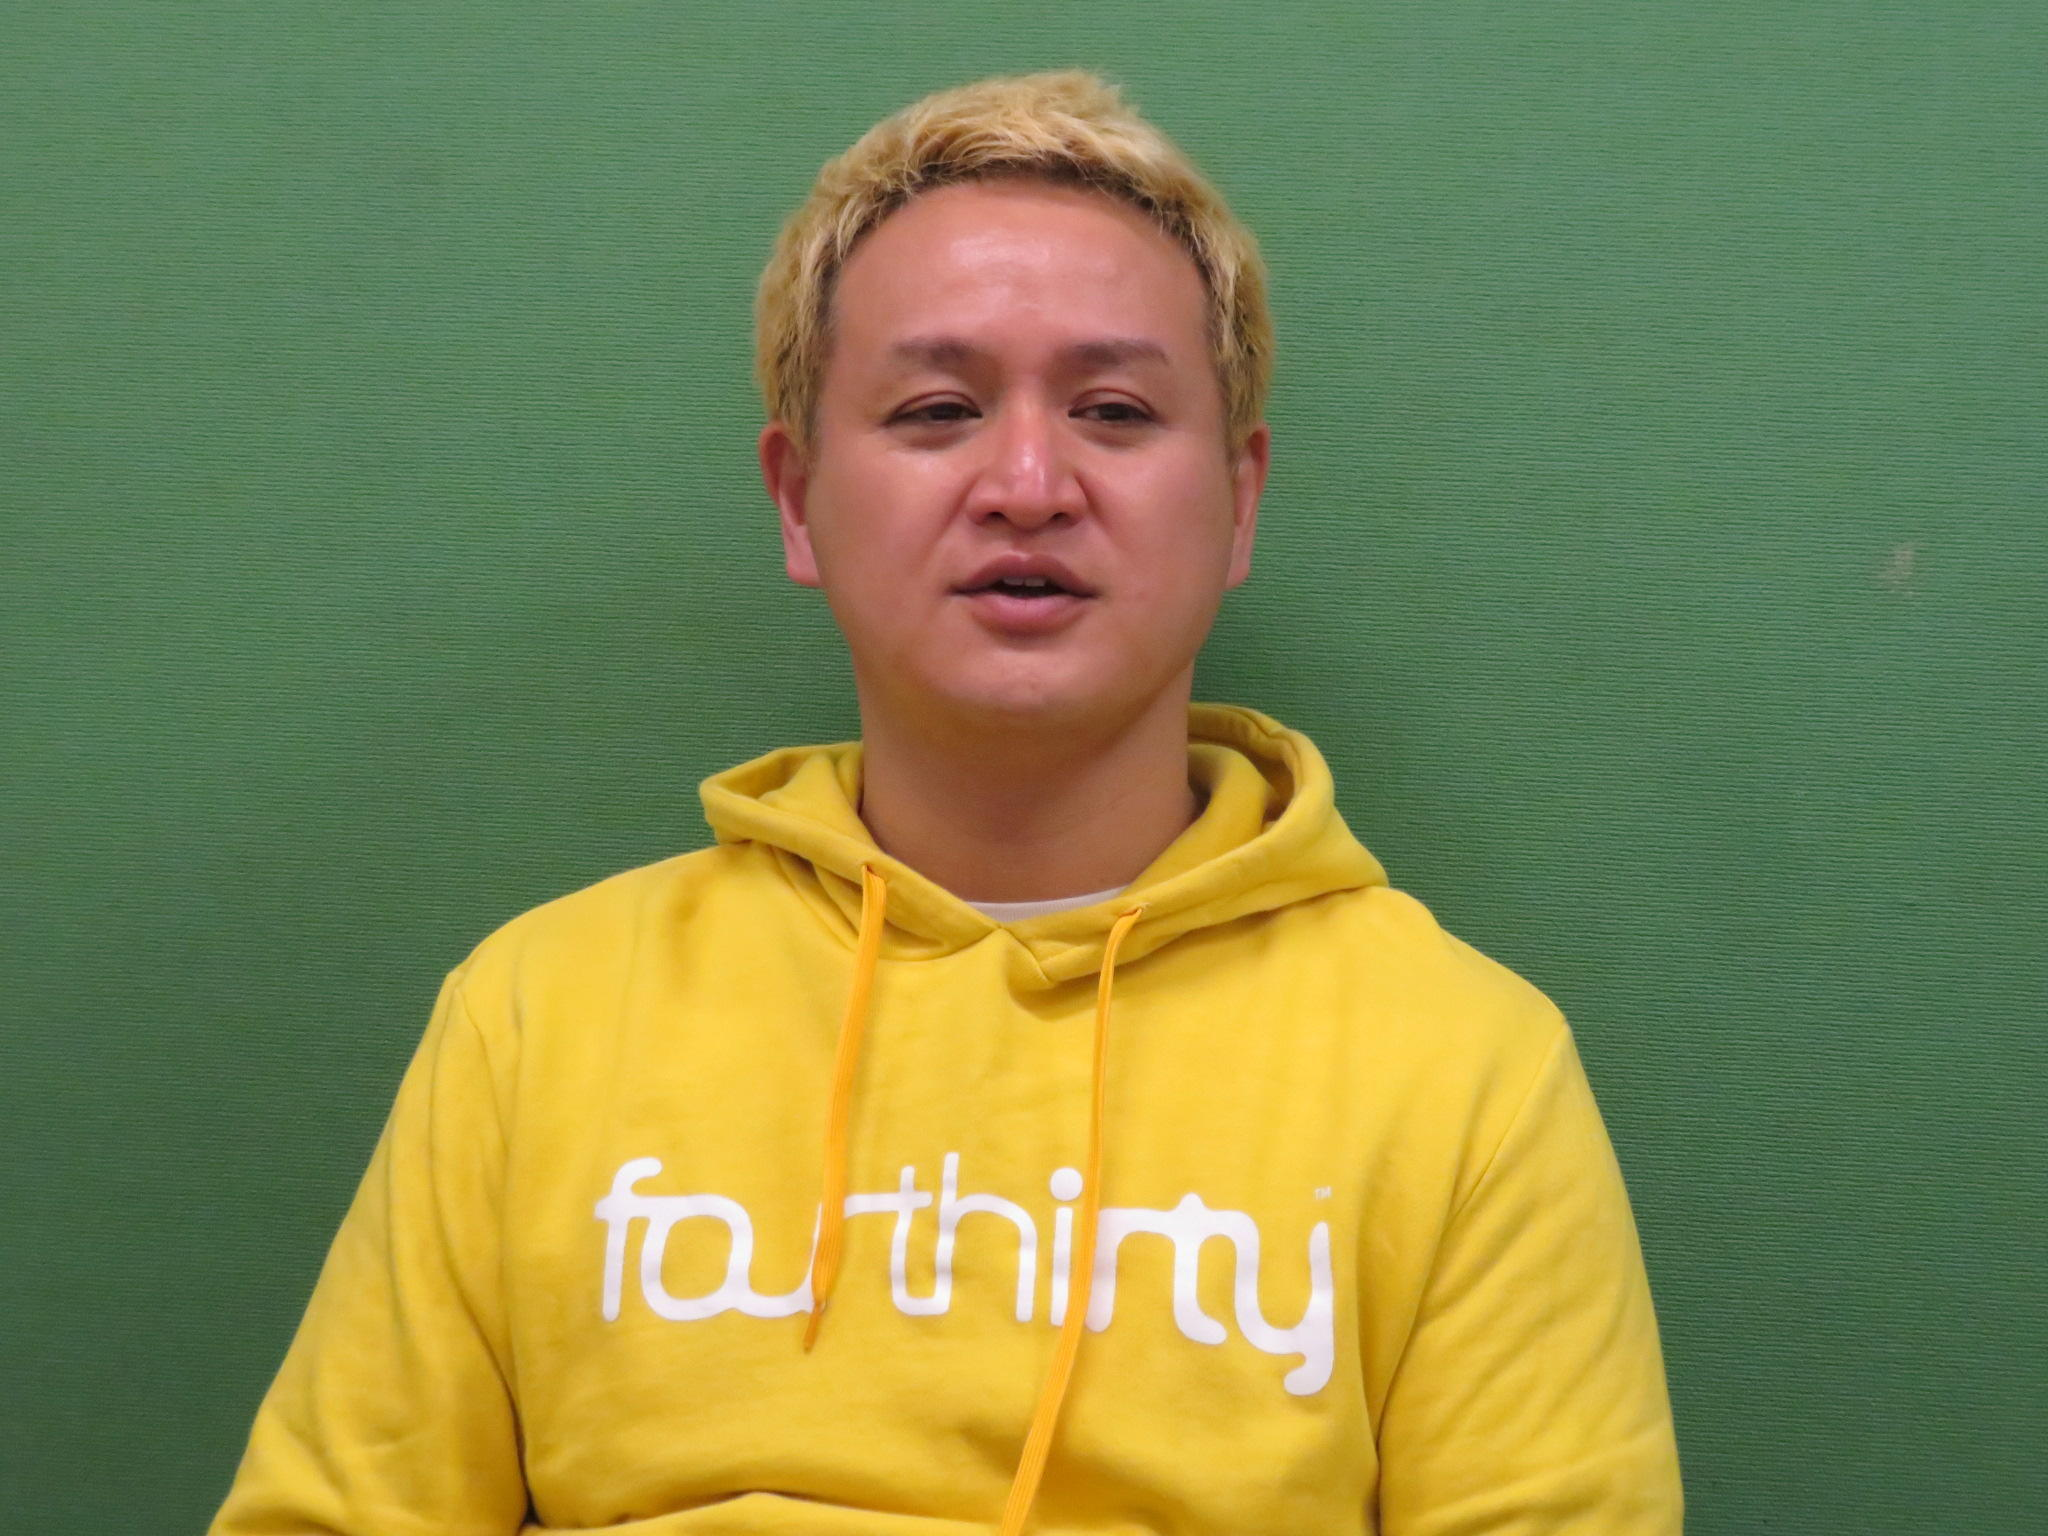 http://news.yoshimoto.co.jp/20190128134306-a97ca950ac6776816626c5f093e60fb0ad004a66.jpg